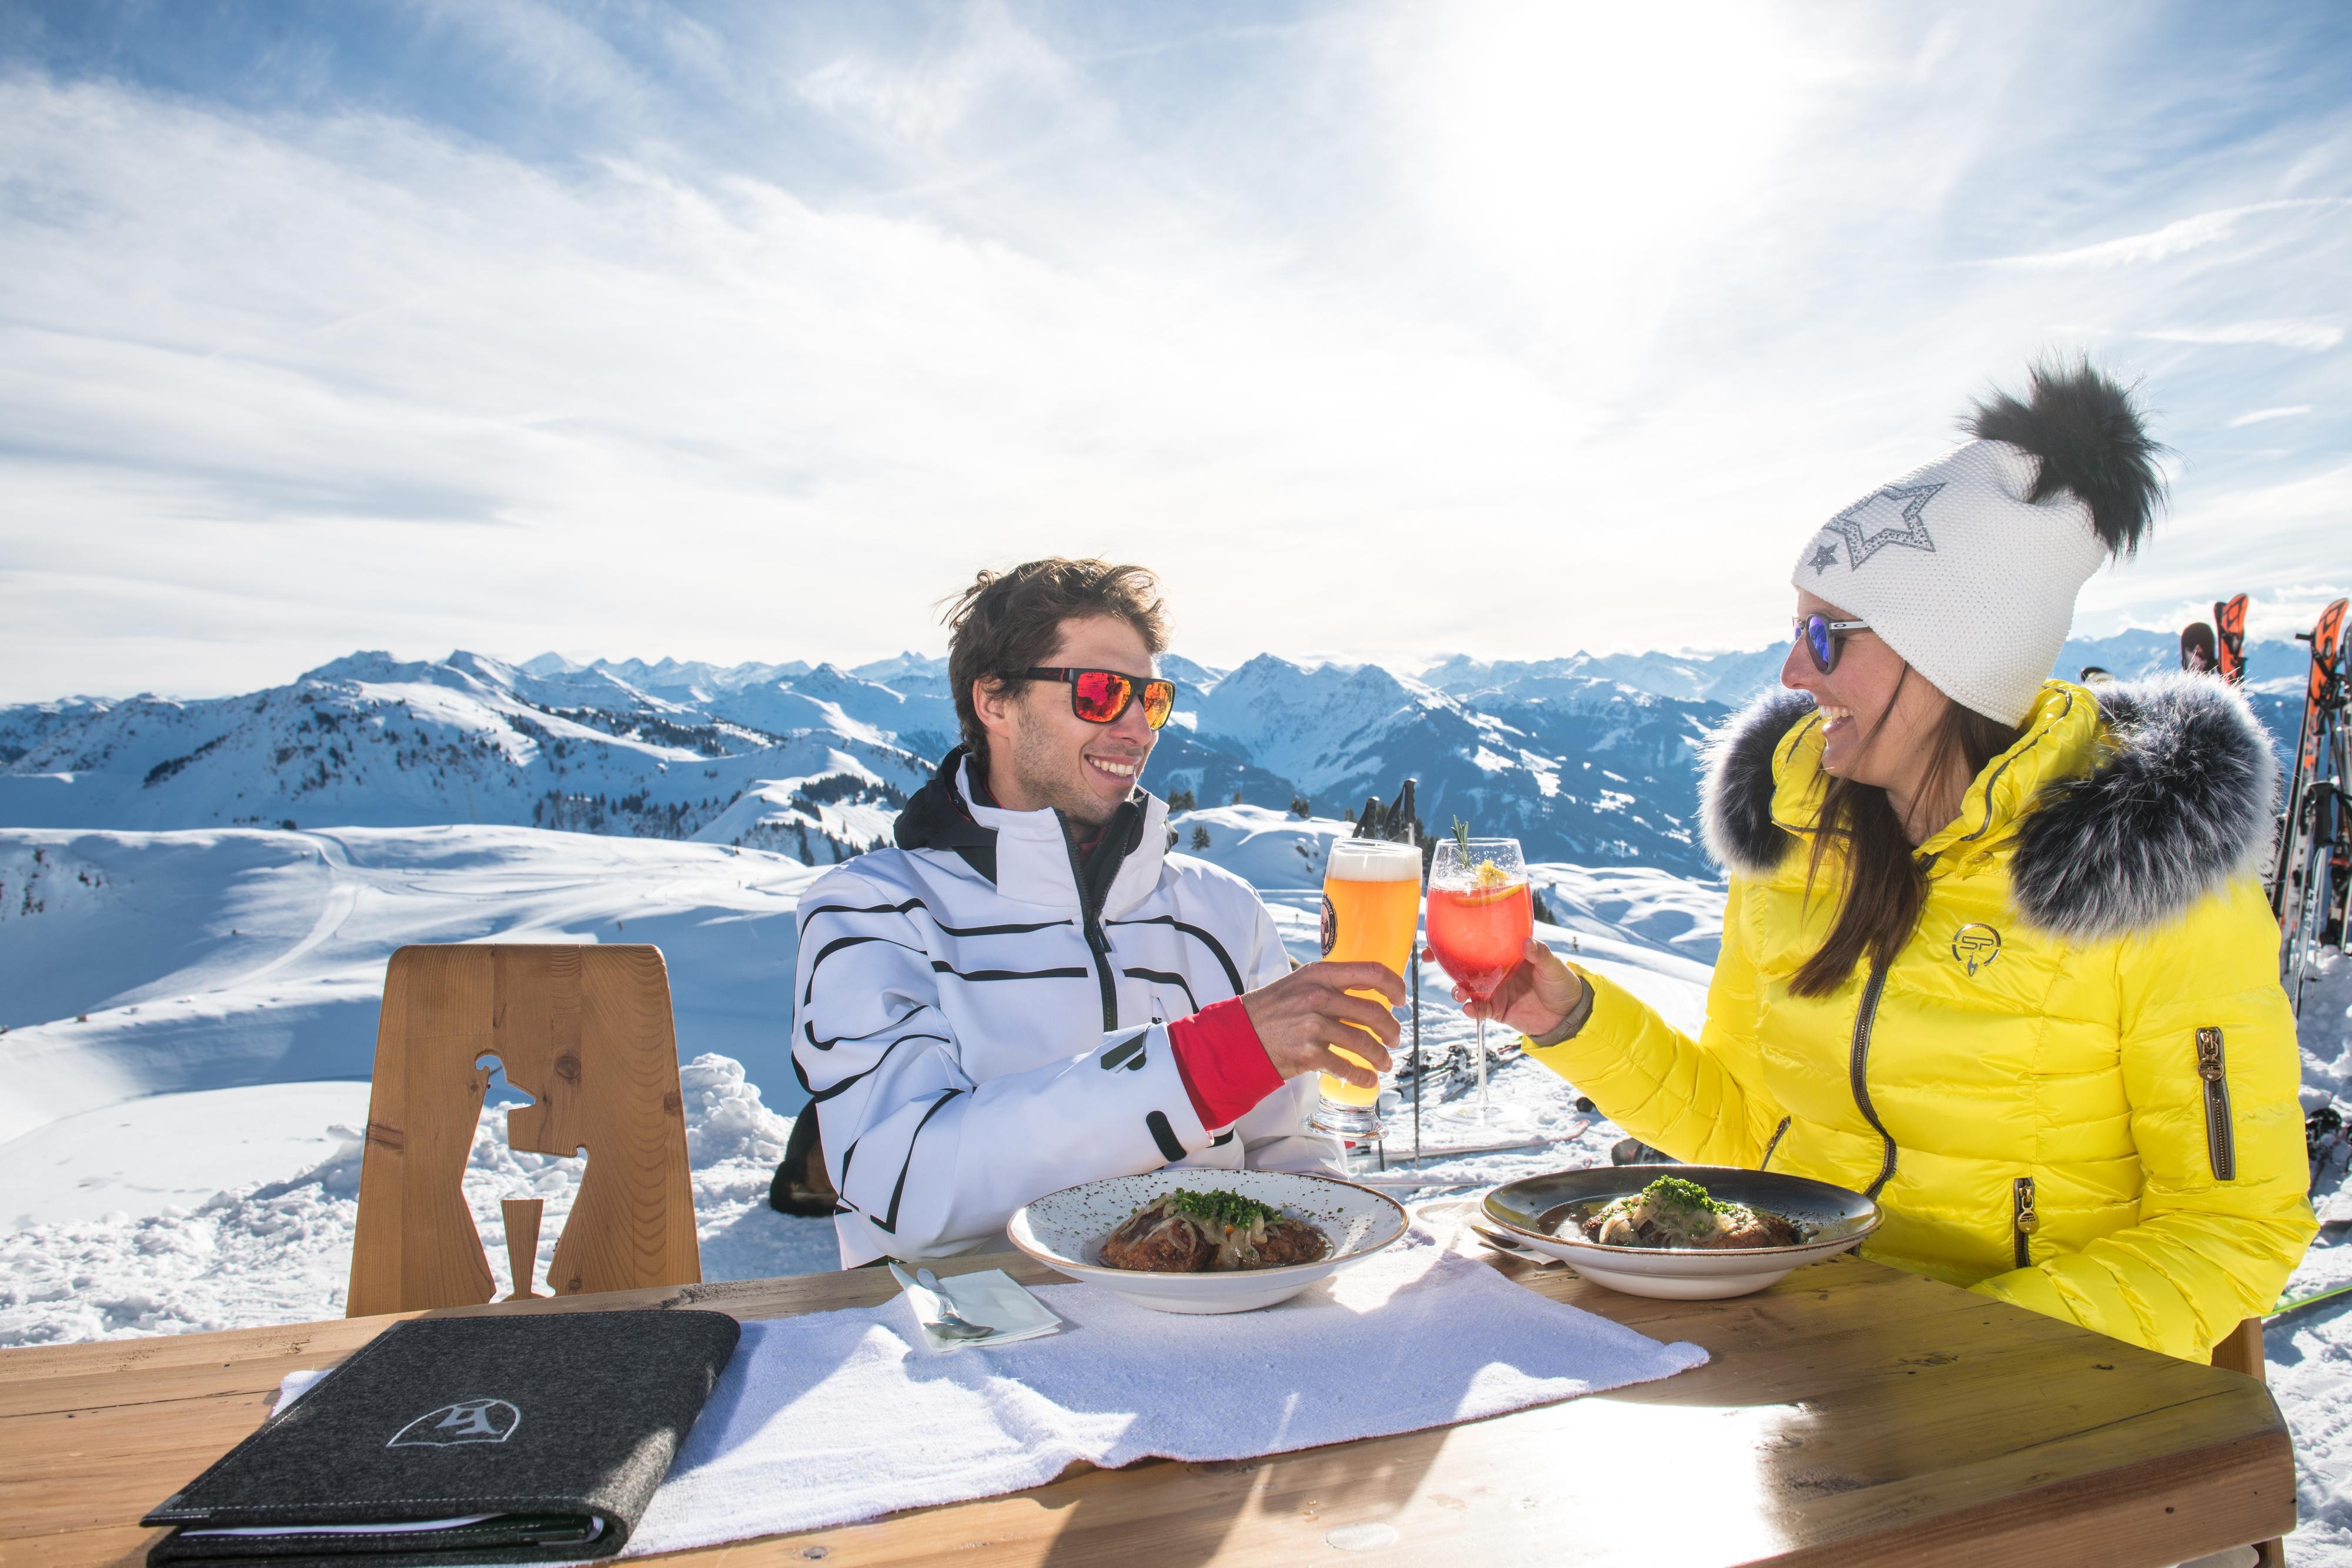 Einkehr Mann und Frau Mittagessen anstoßen mit Cocktail und Bier in Kitzbühel Skihütte Winter